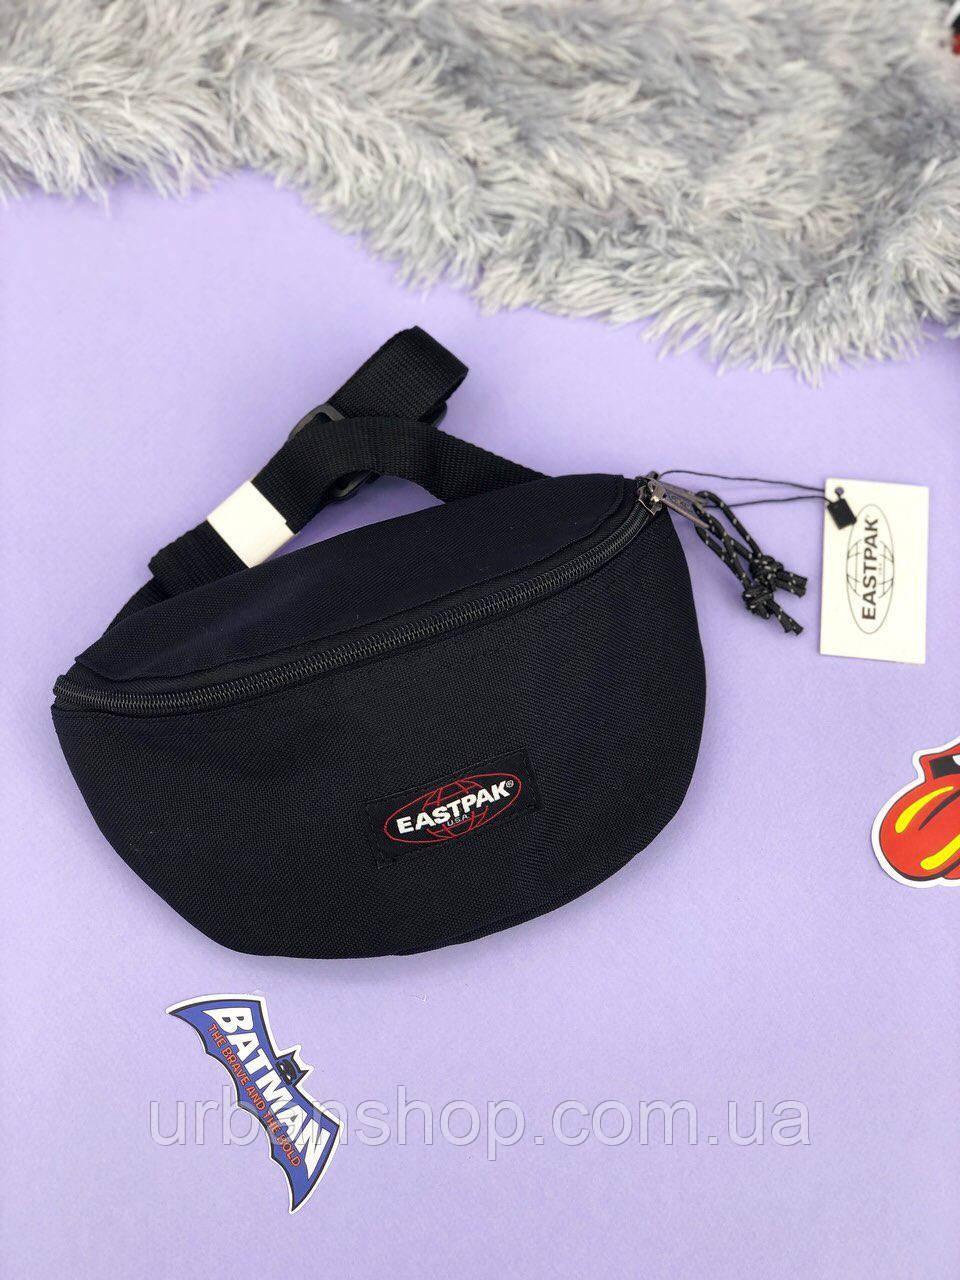 Поясна сумка EASTPAK black